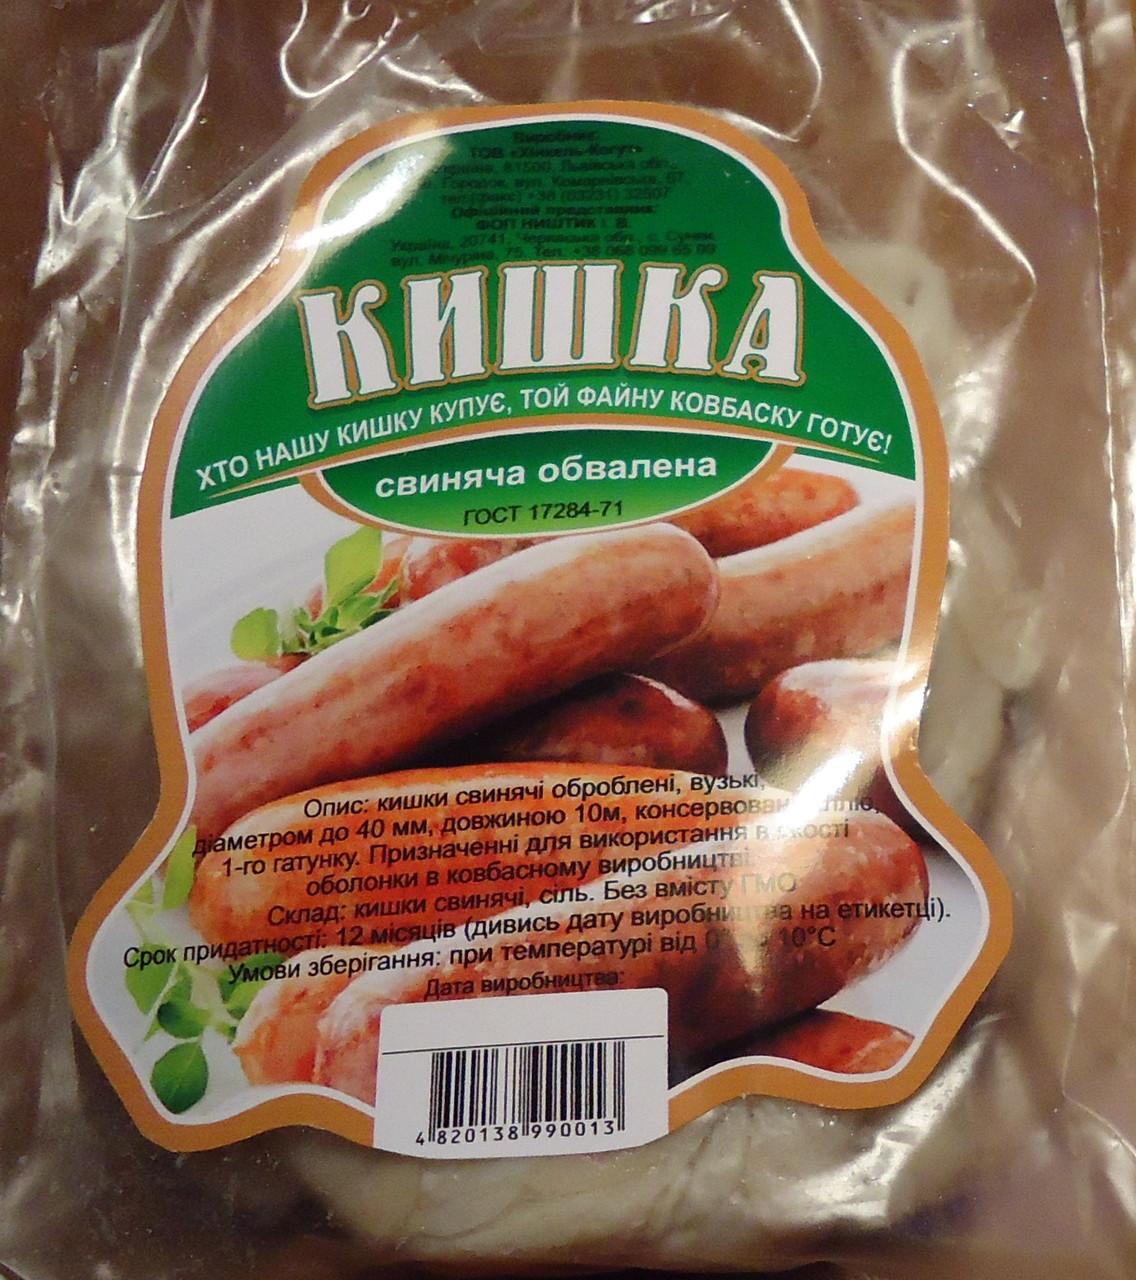 пополнить свой купить натуральную оболочку для колбасы рисунков актуален любому